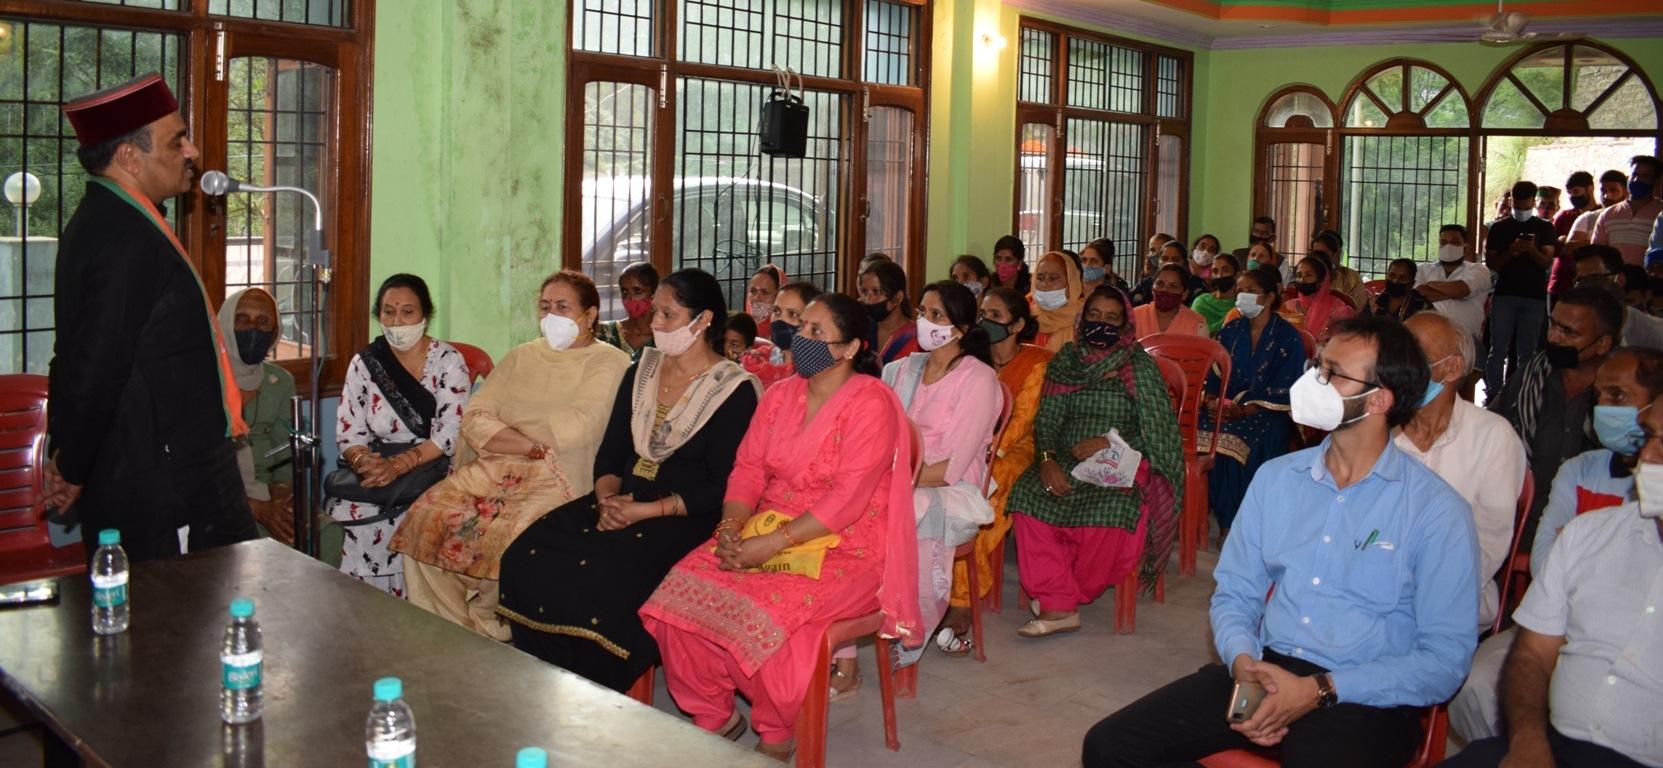 प्राकृतिक खेती ही सुदृढ़ भविष्य का आधार, सुल्तानपुर में 34 लाभार्थियों को किए चैक वितरित-डॉ. सैजल